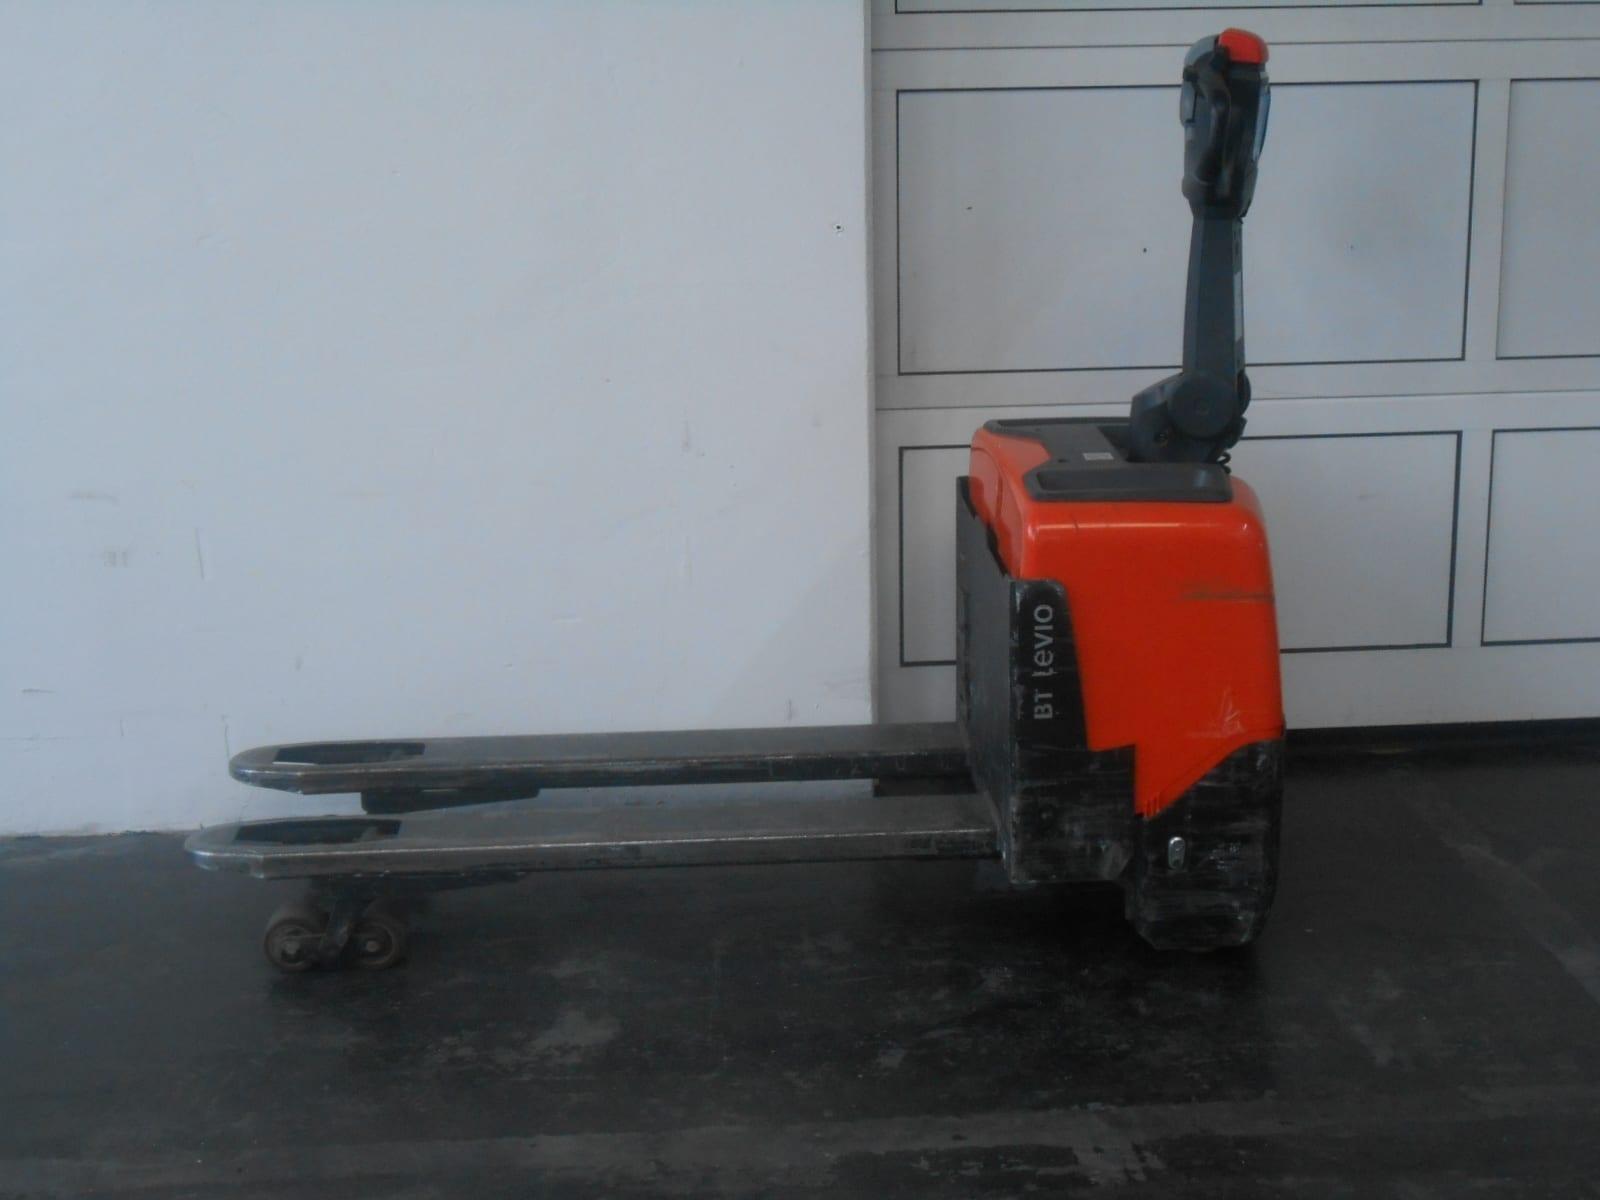 Toyota-Gabelstapler-59840 1804039868 1 94